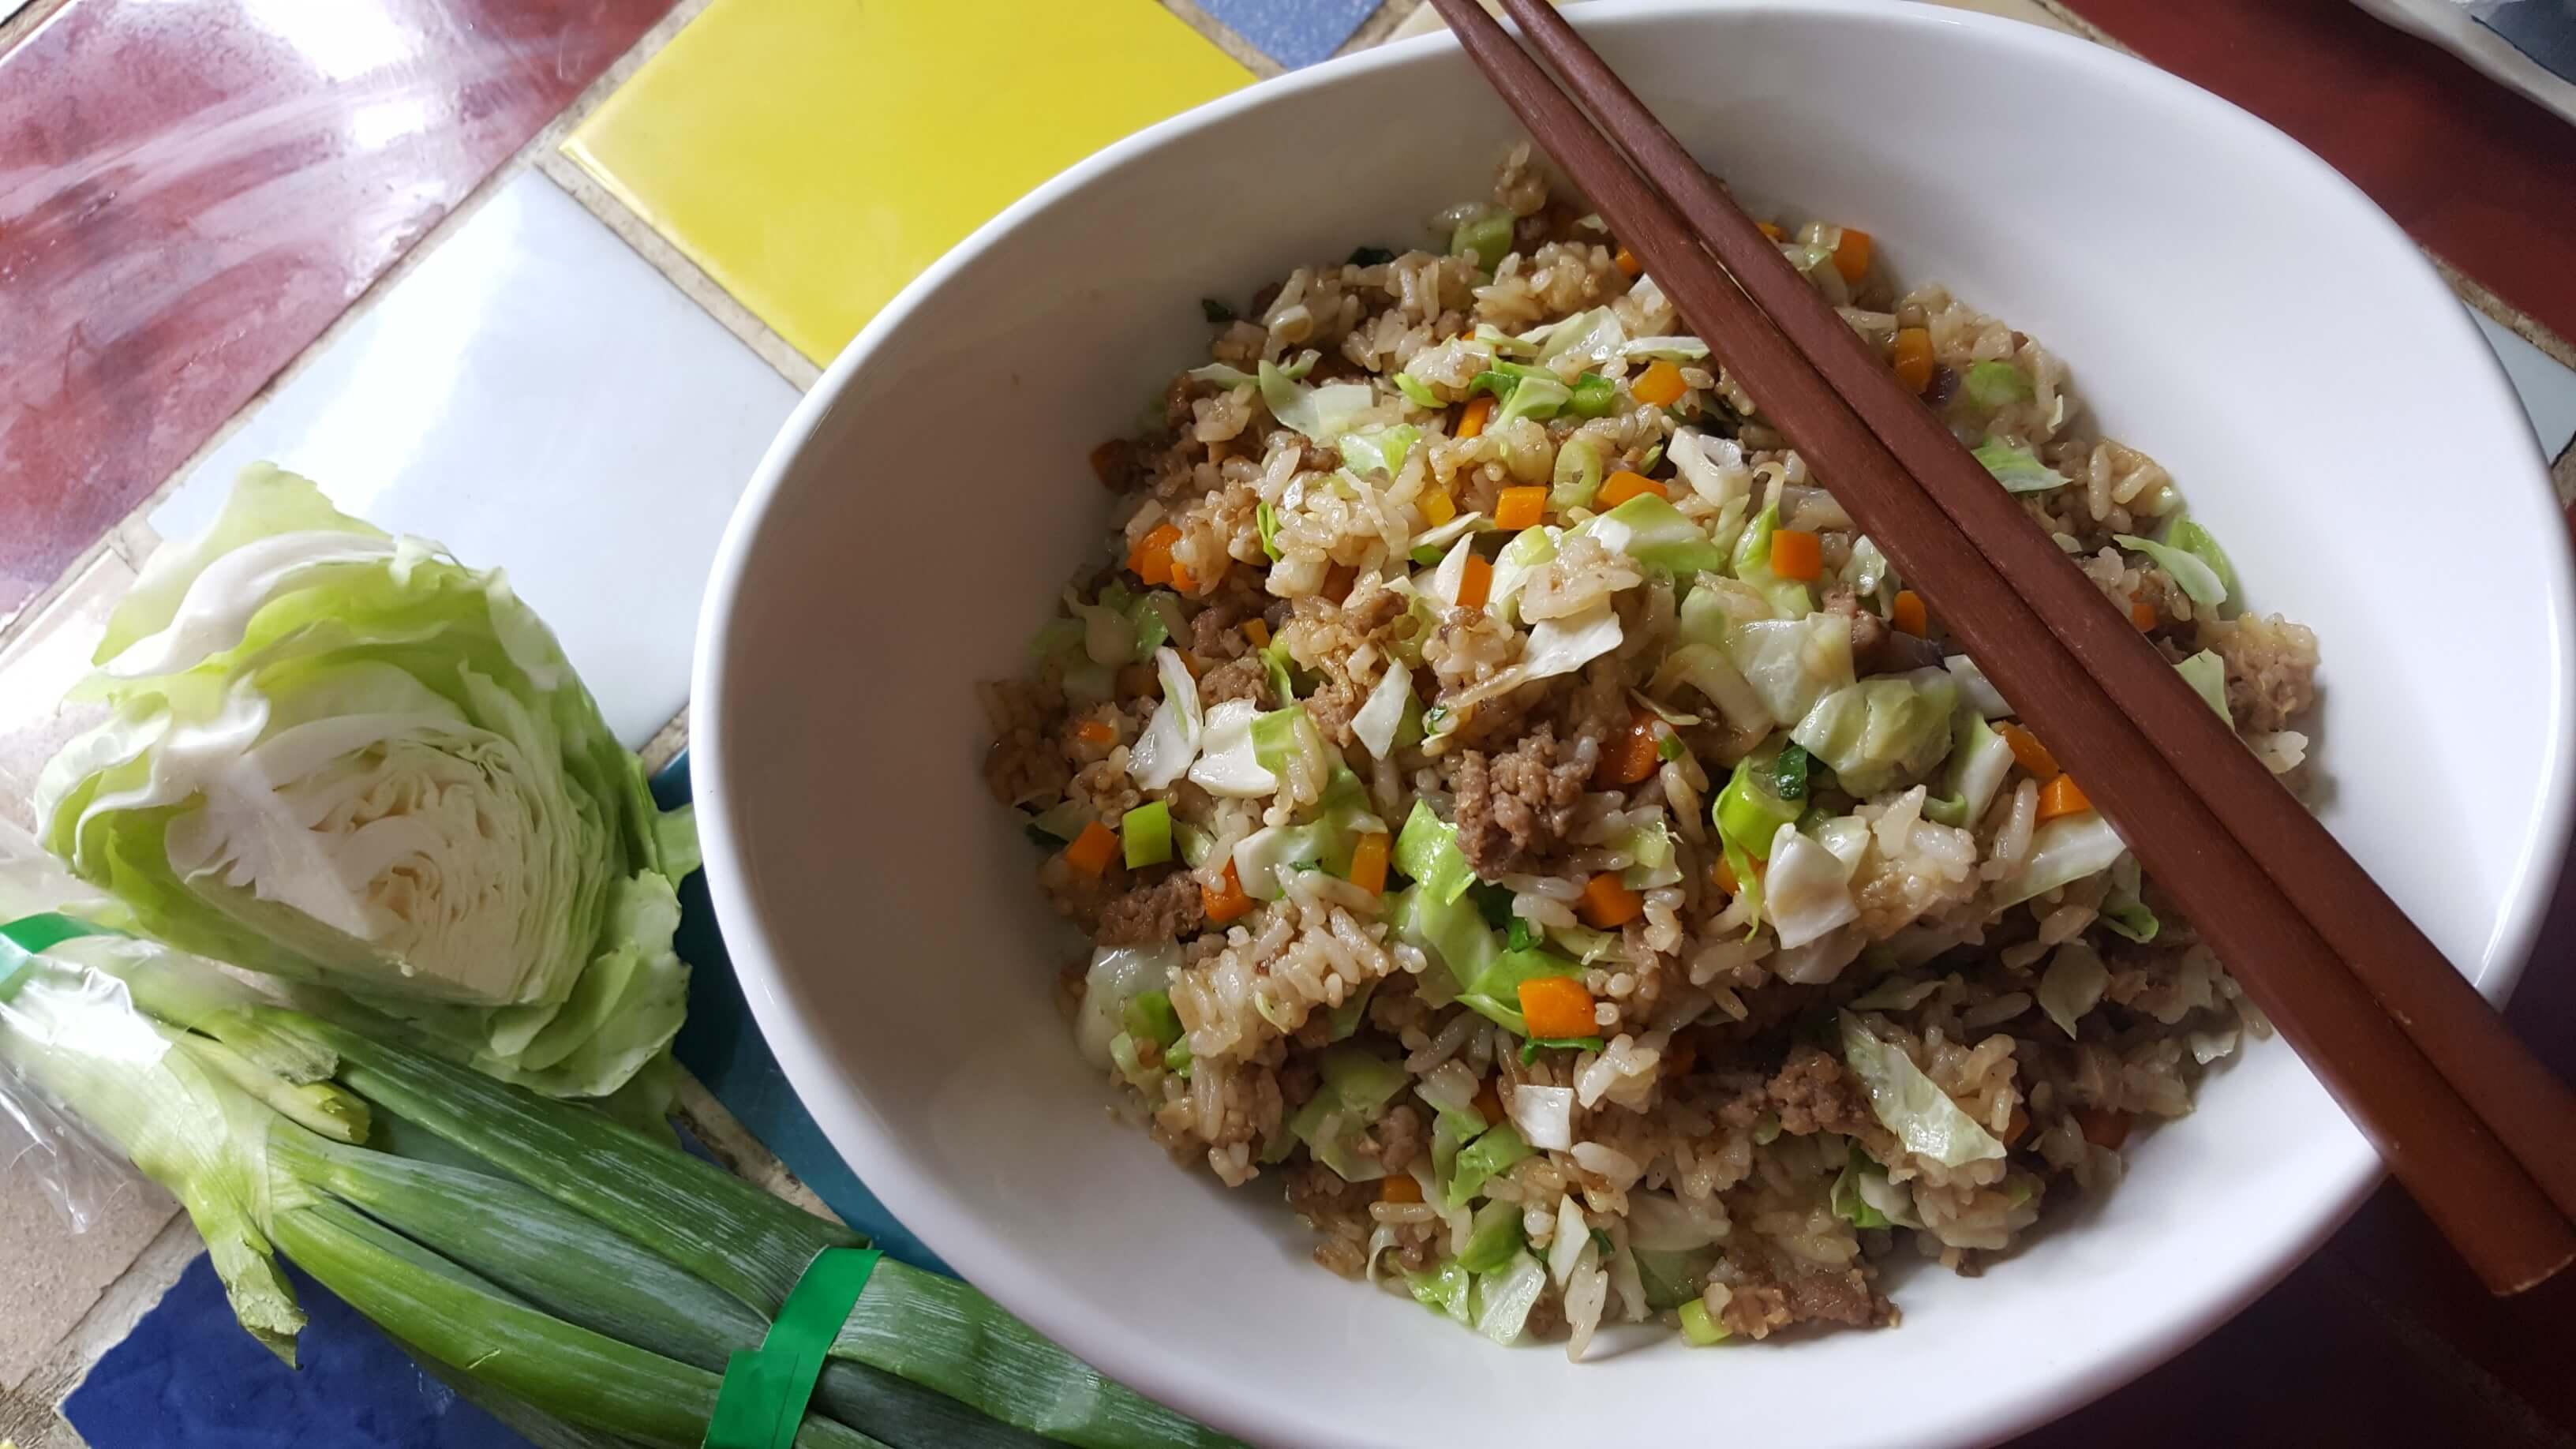 Chowking Beef Chao Fan Recipe Hack